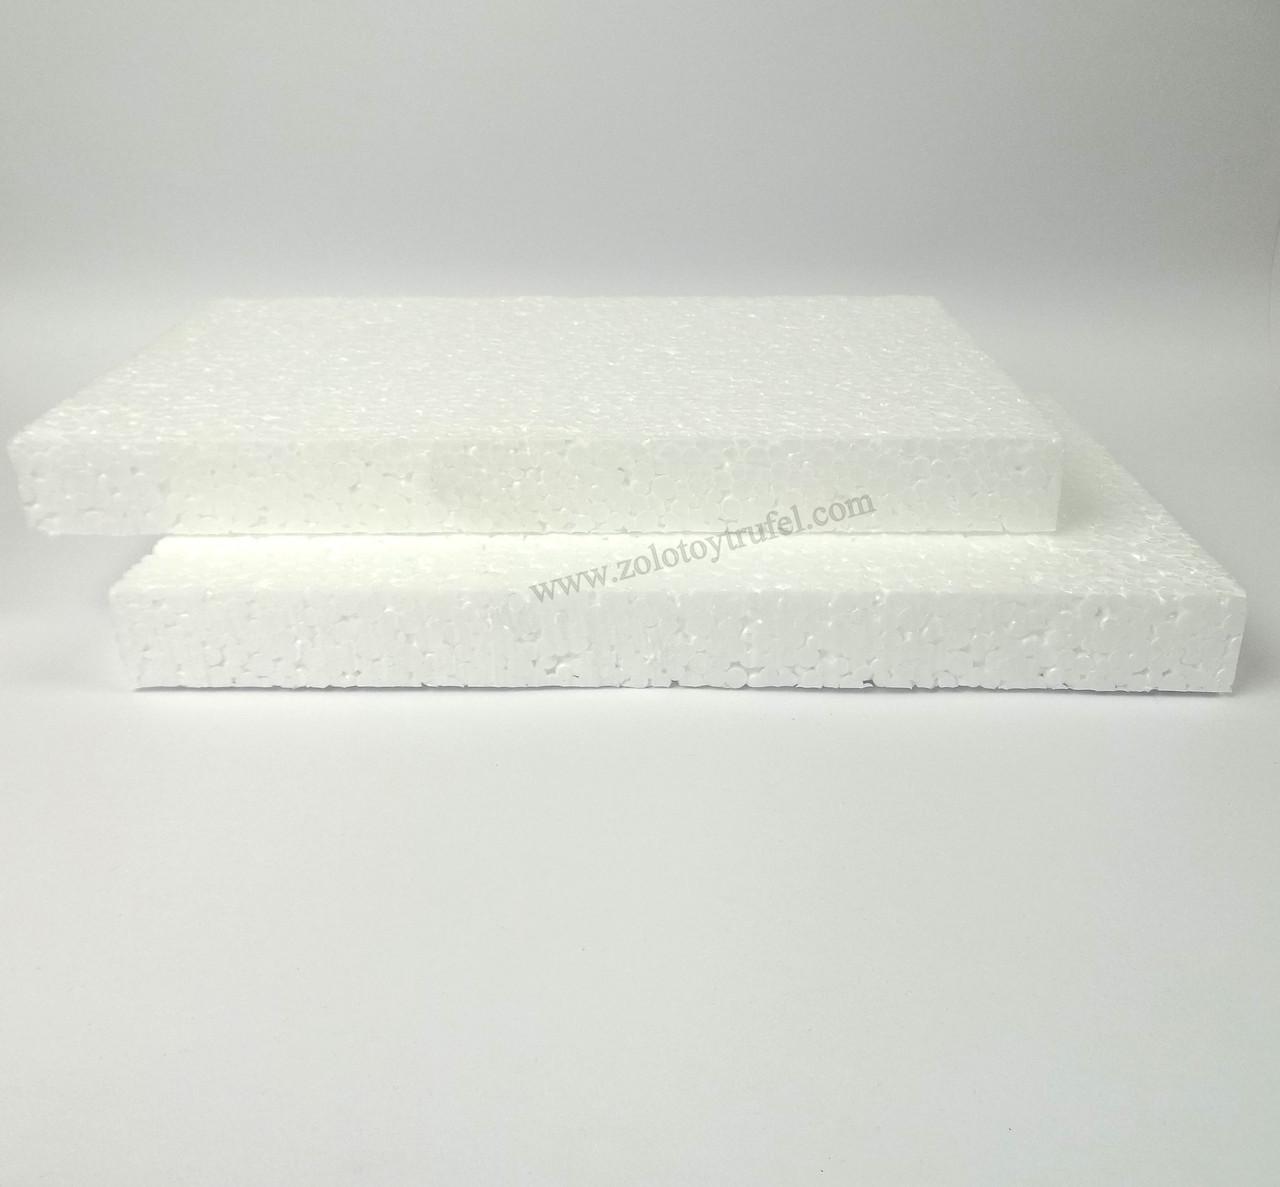 Прослойки пенопластовые для торта 30*30 см h 3 см